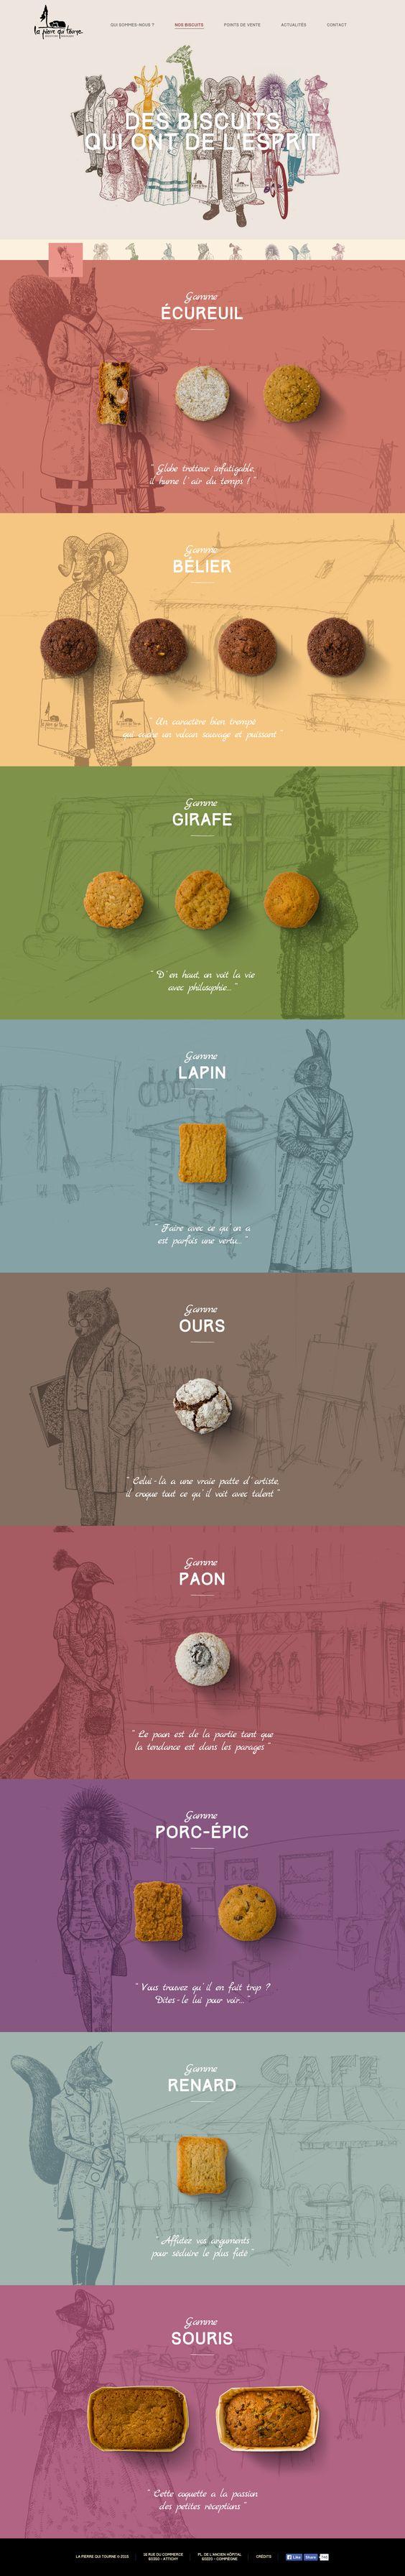 Nos biscuits - Biscuits bio - La Pierre Qui Tourne http://www.lapierrequitourne.com/nos-biscuits/